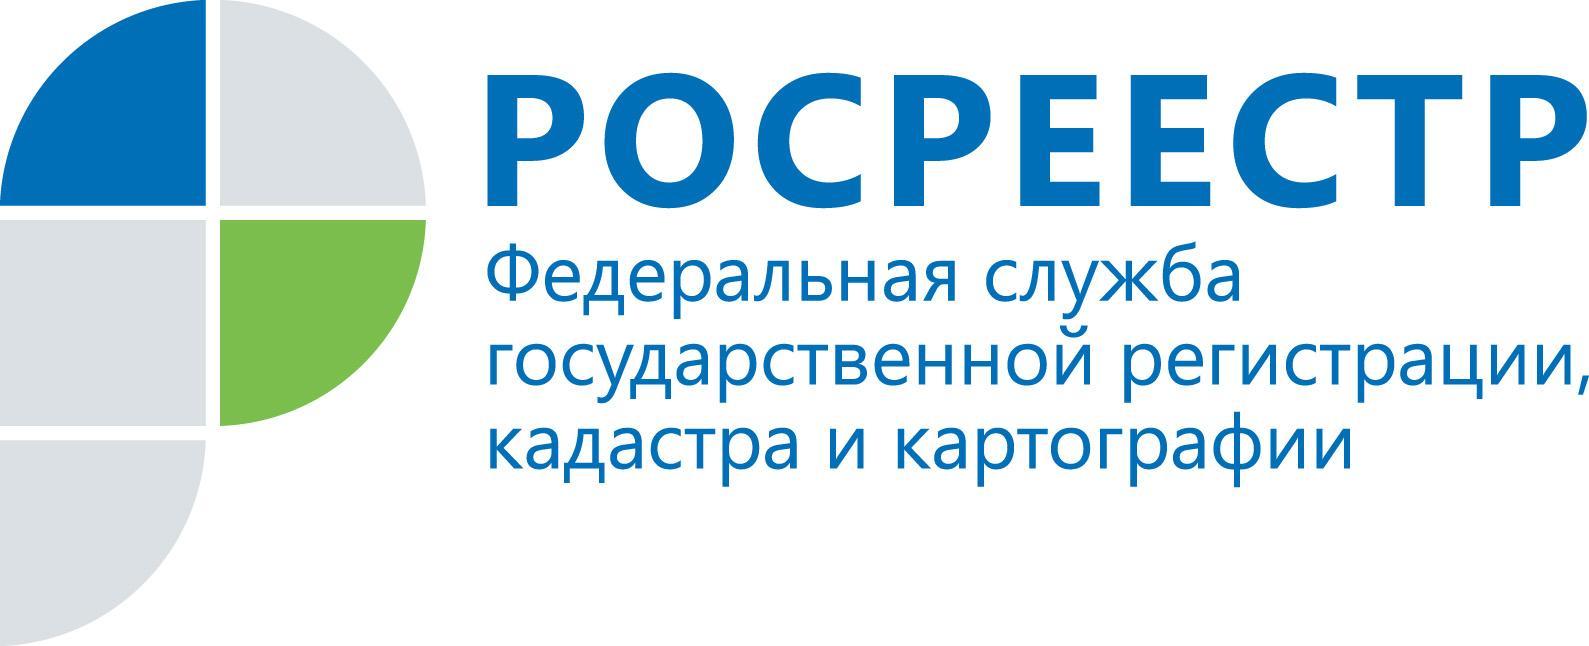 15 мая Подмосковный Росреестр проведет «горячую телефонную линию» по вопросам оспаривания кадастровой стоимости недвижимости